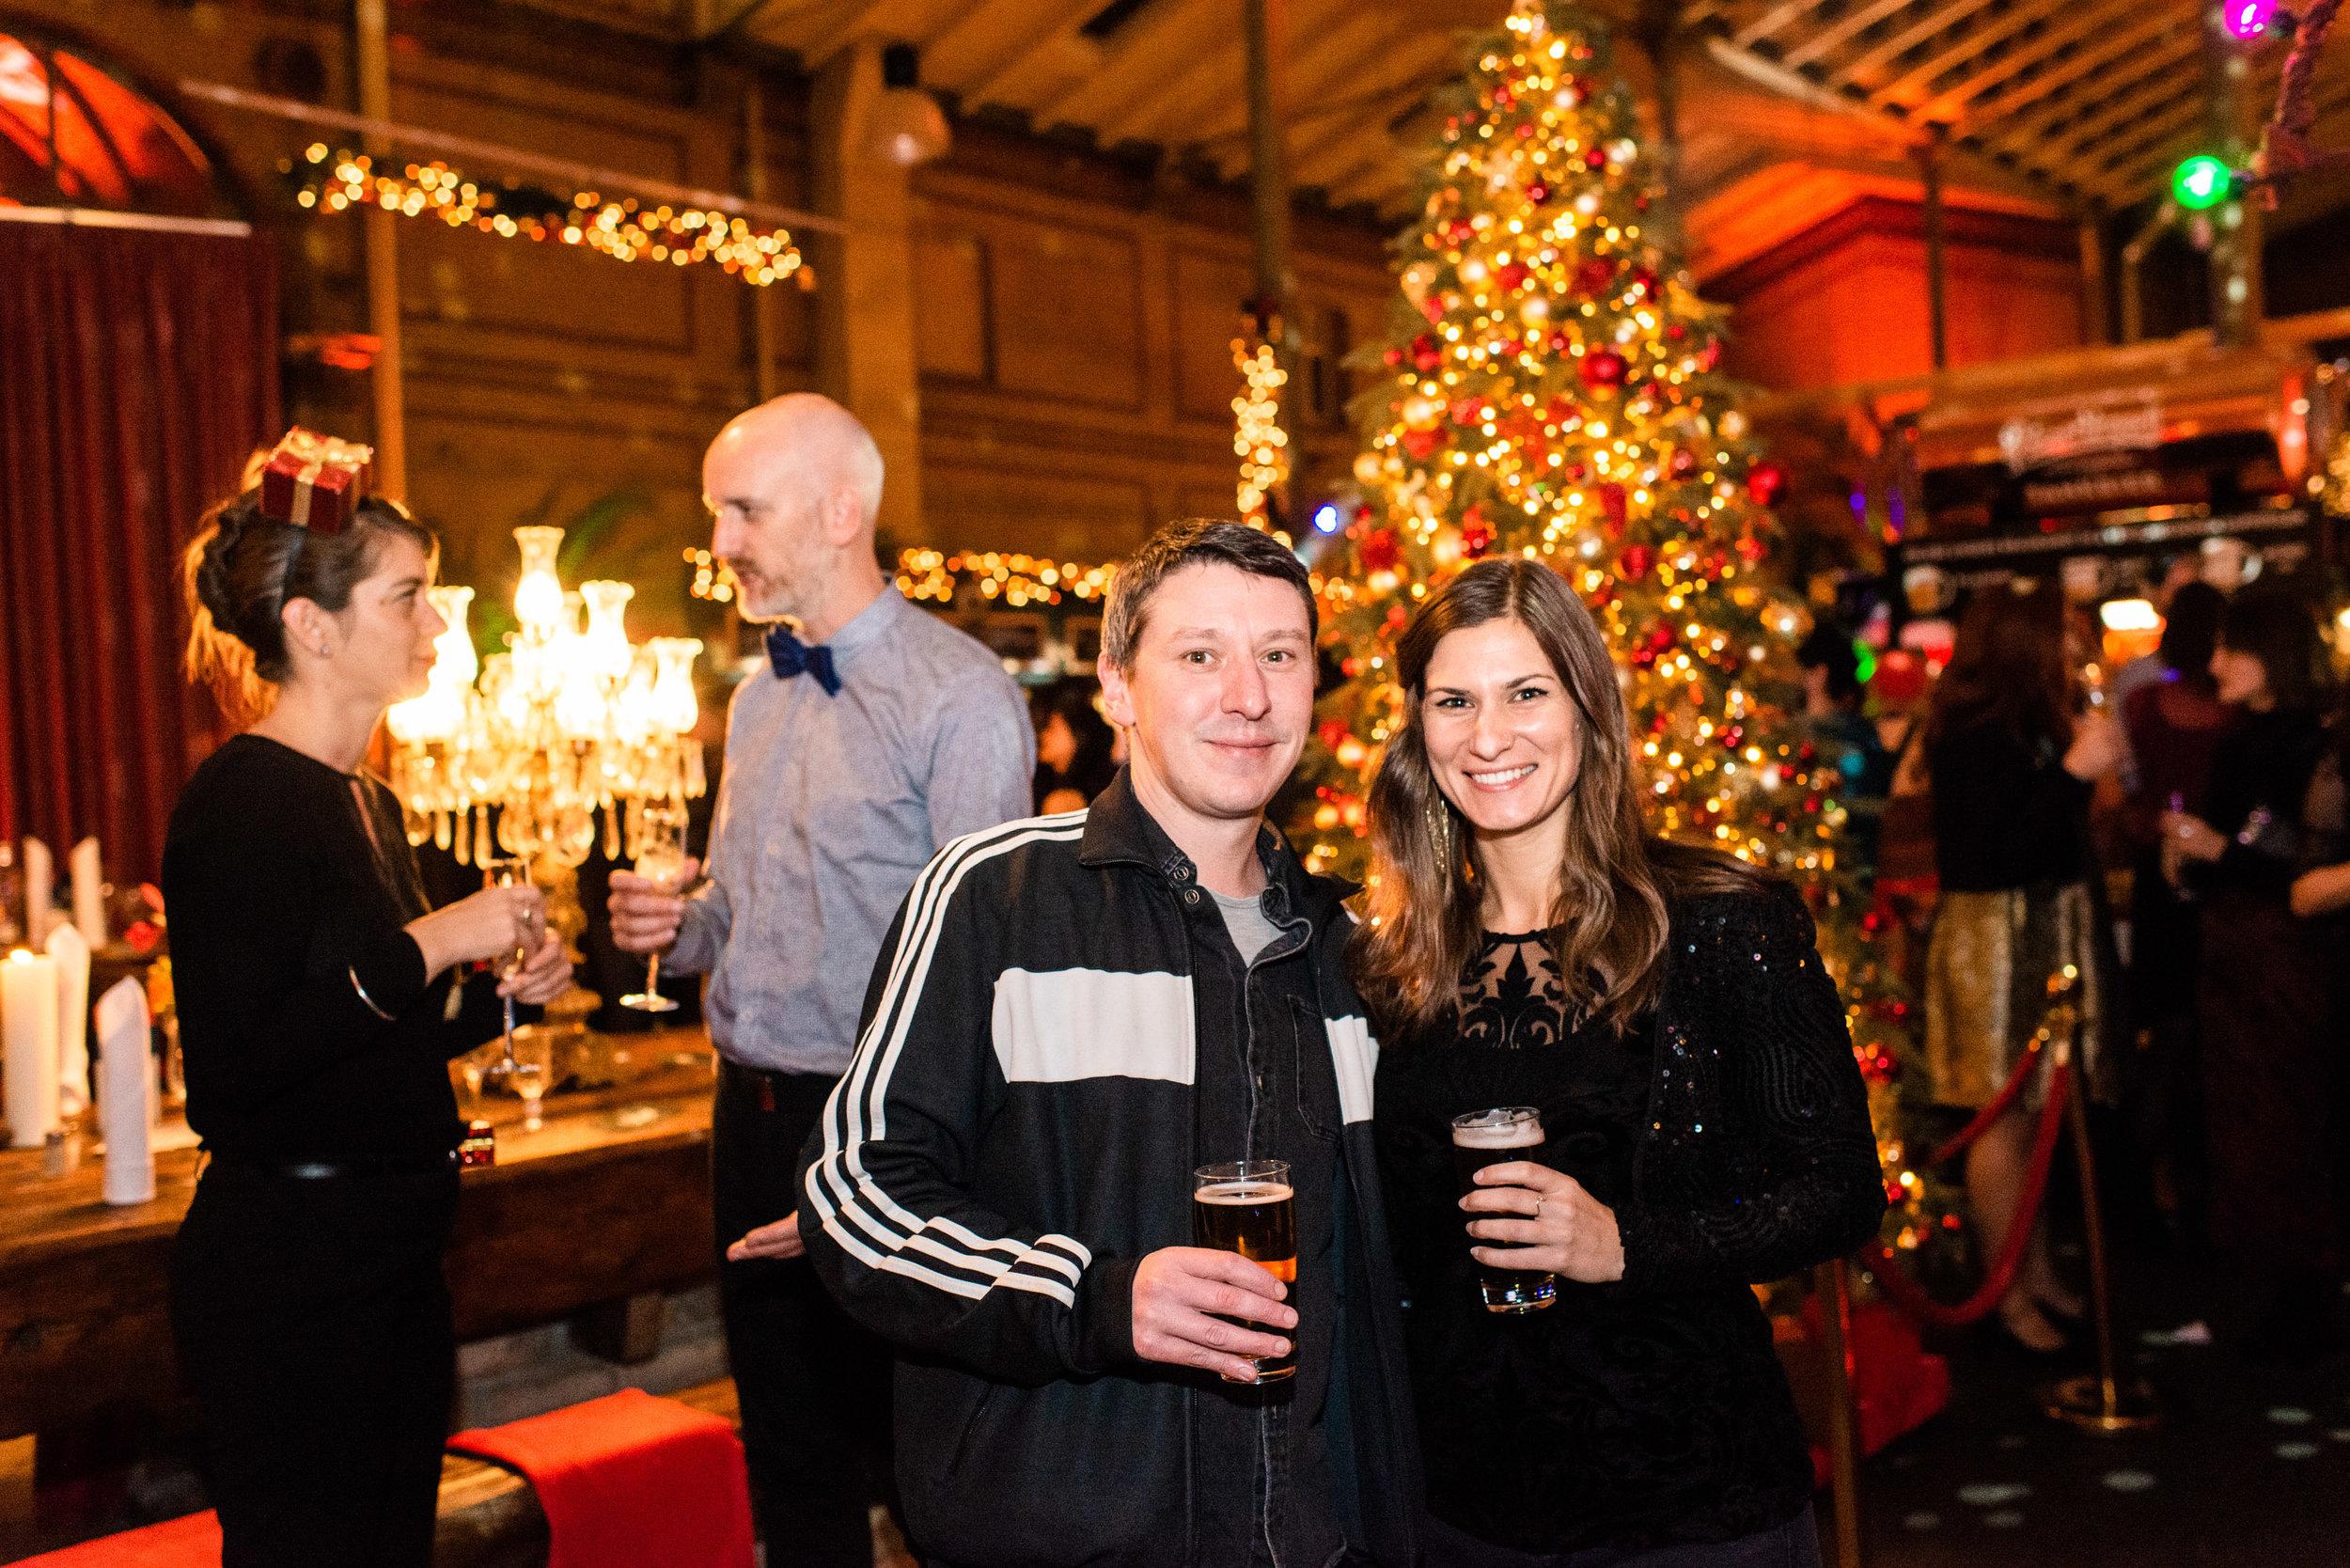 Tilman-Vogler-Fotografie-GYG-Christmas-Party-2018-064.jpg